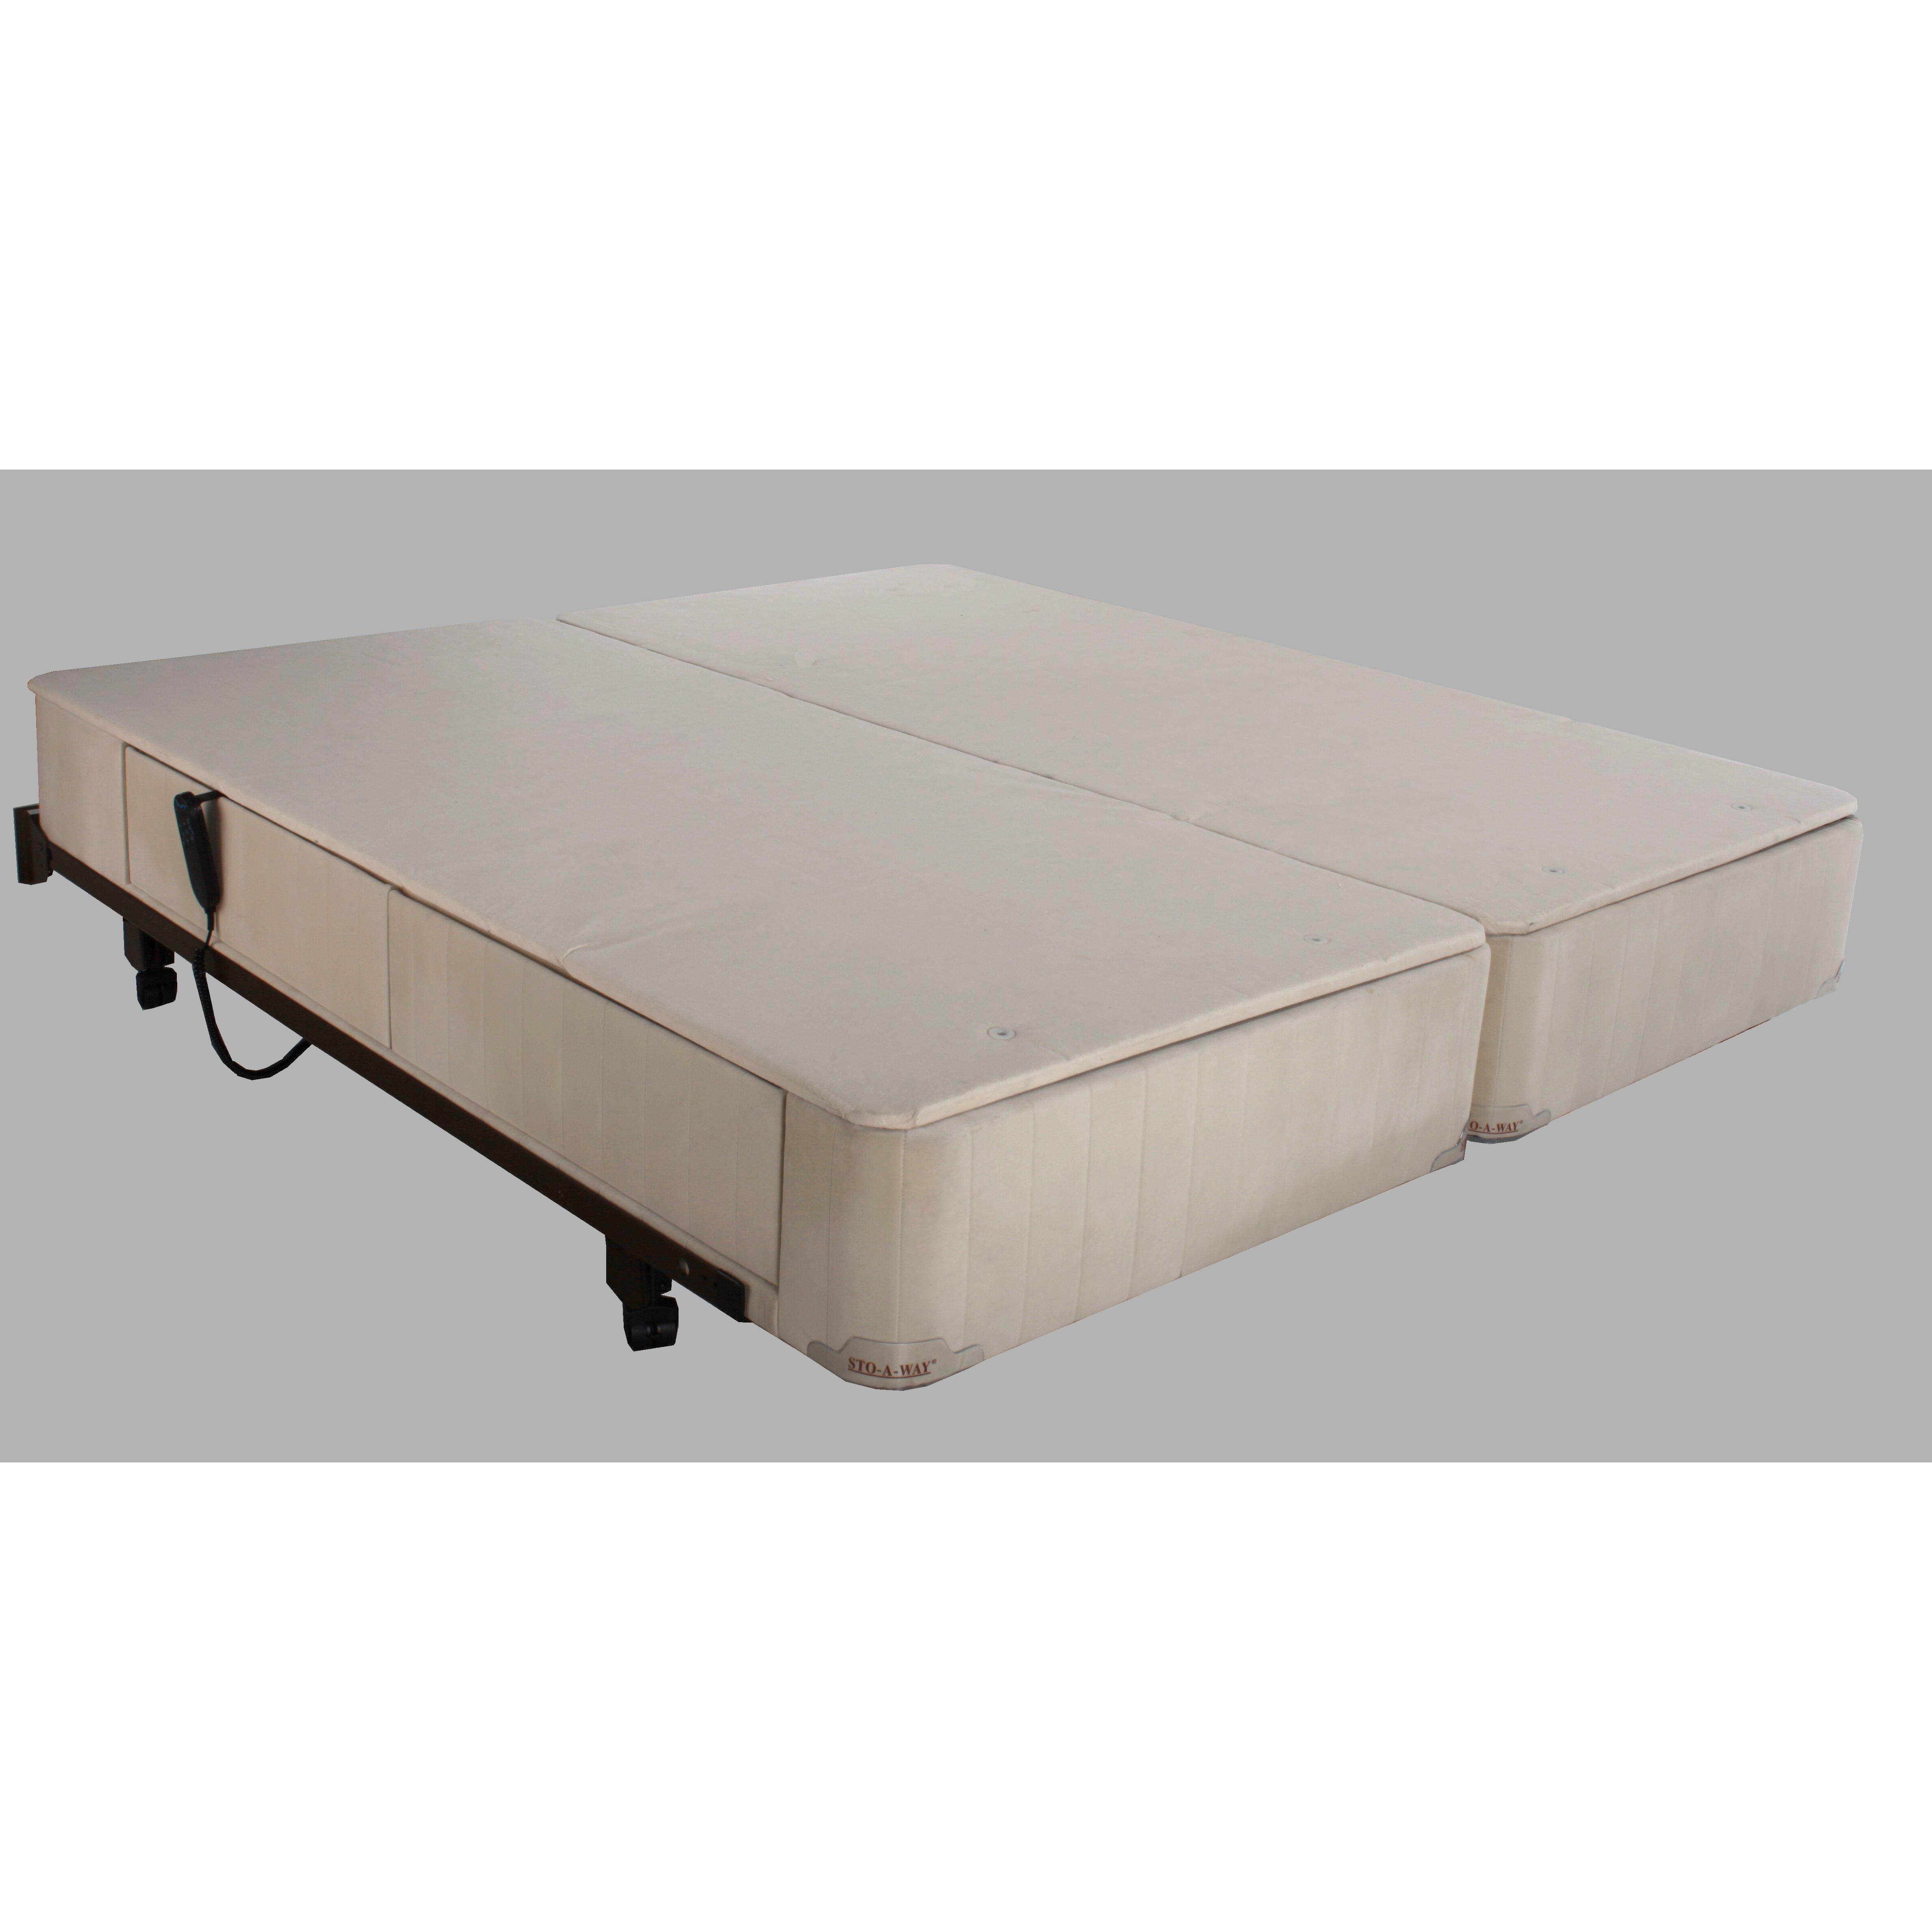 Adjustable massage bed nz : Adjustable beds king size sheets bed frames for